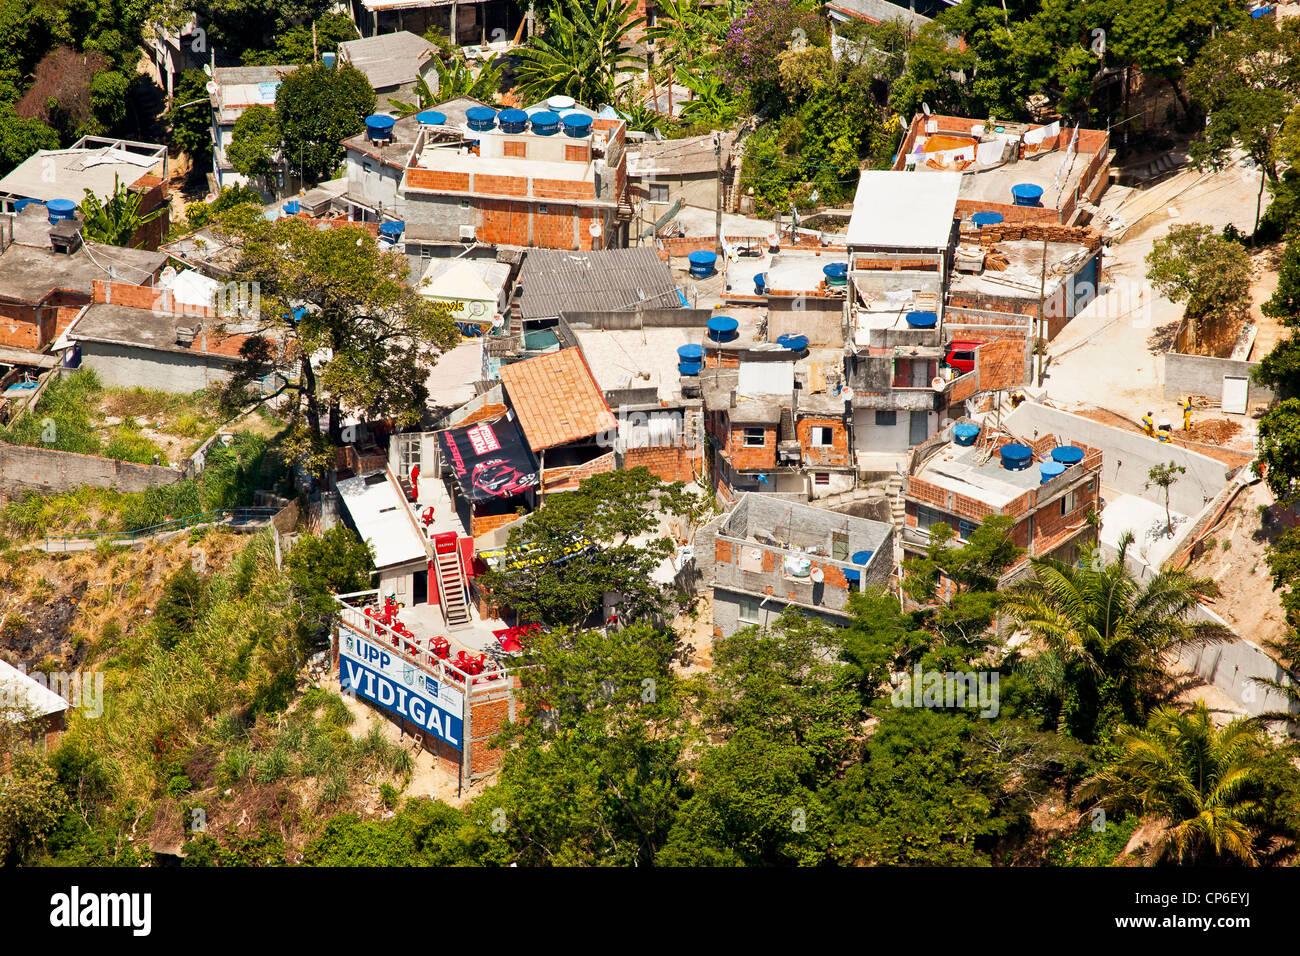 Favela do Vidigal Rio de Janeiro Brazil UPP headquarter Unidade de Policia Pacificadora Pacifying Police Unit - Stock Image